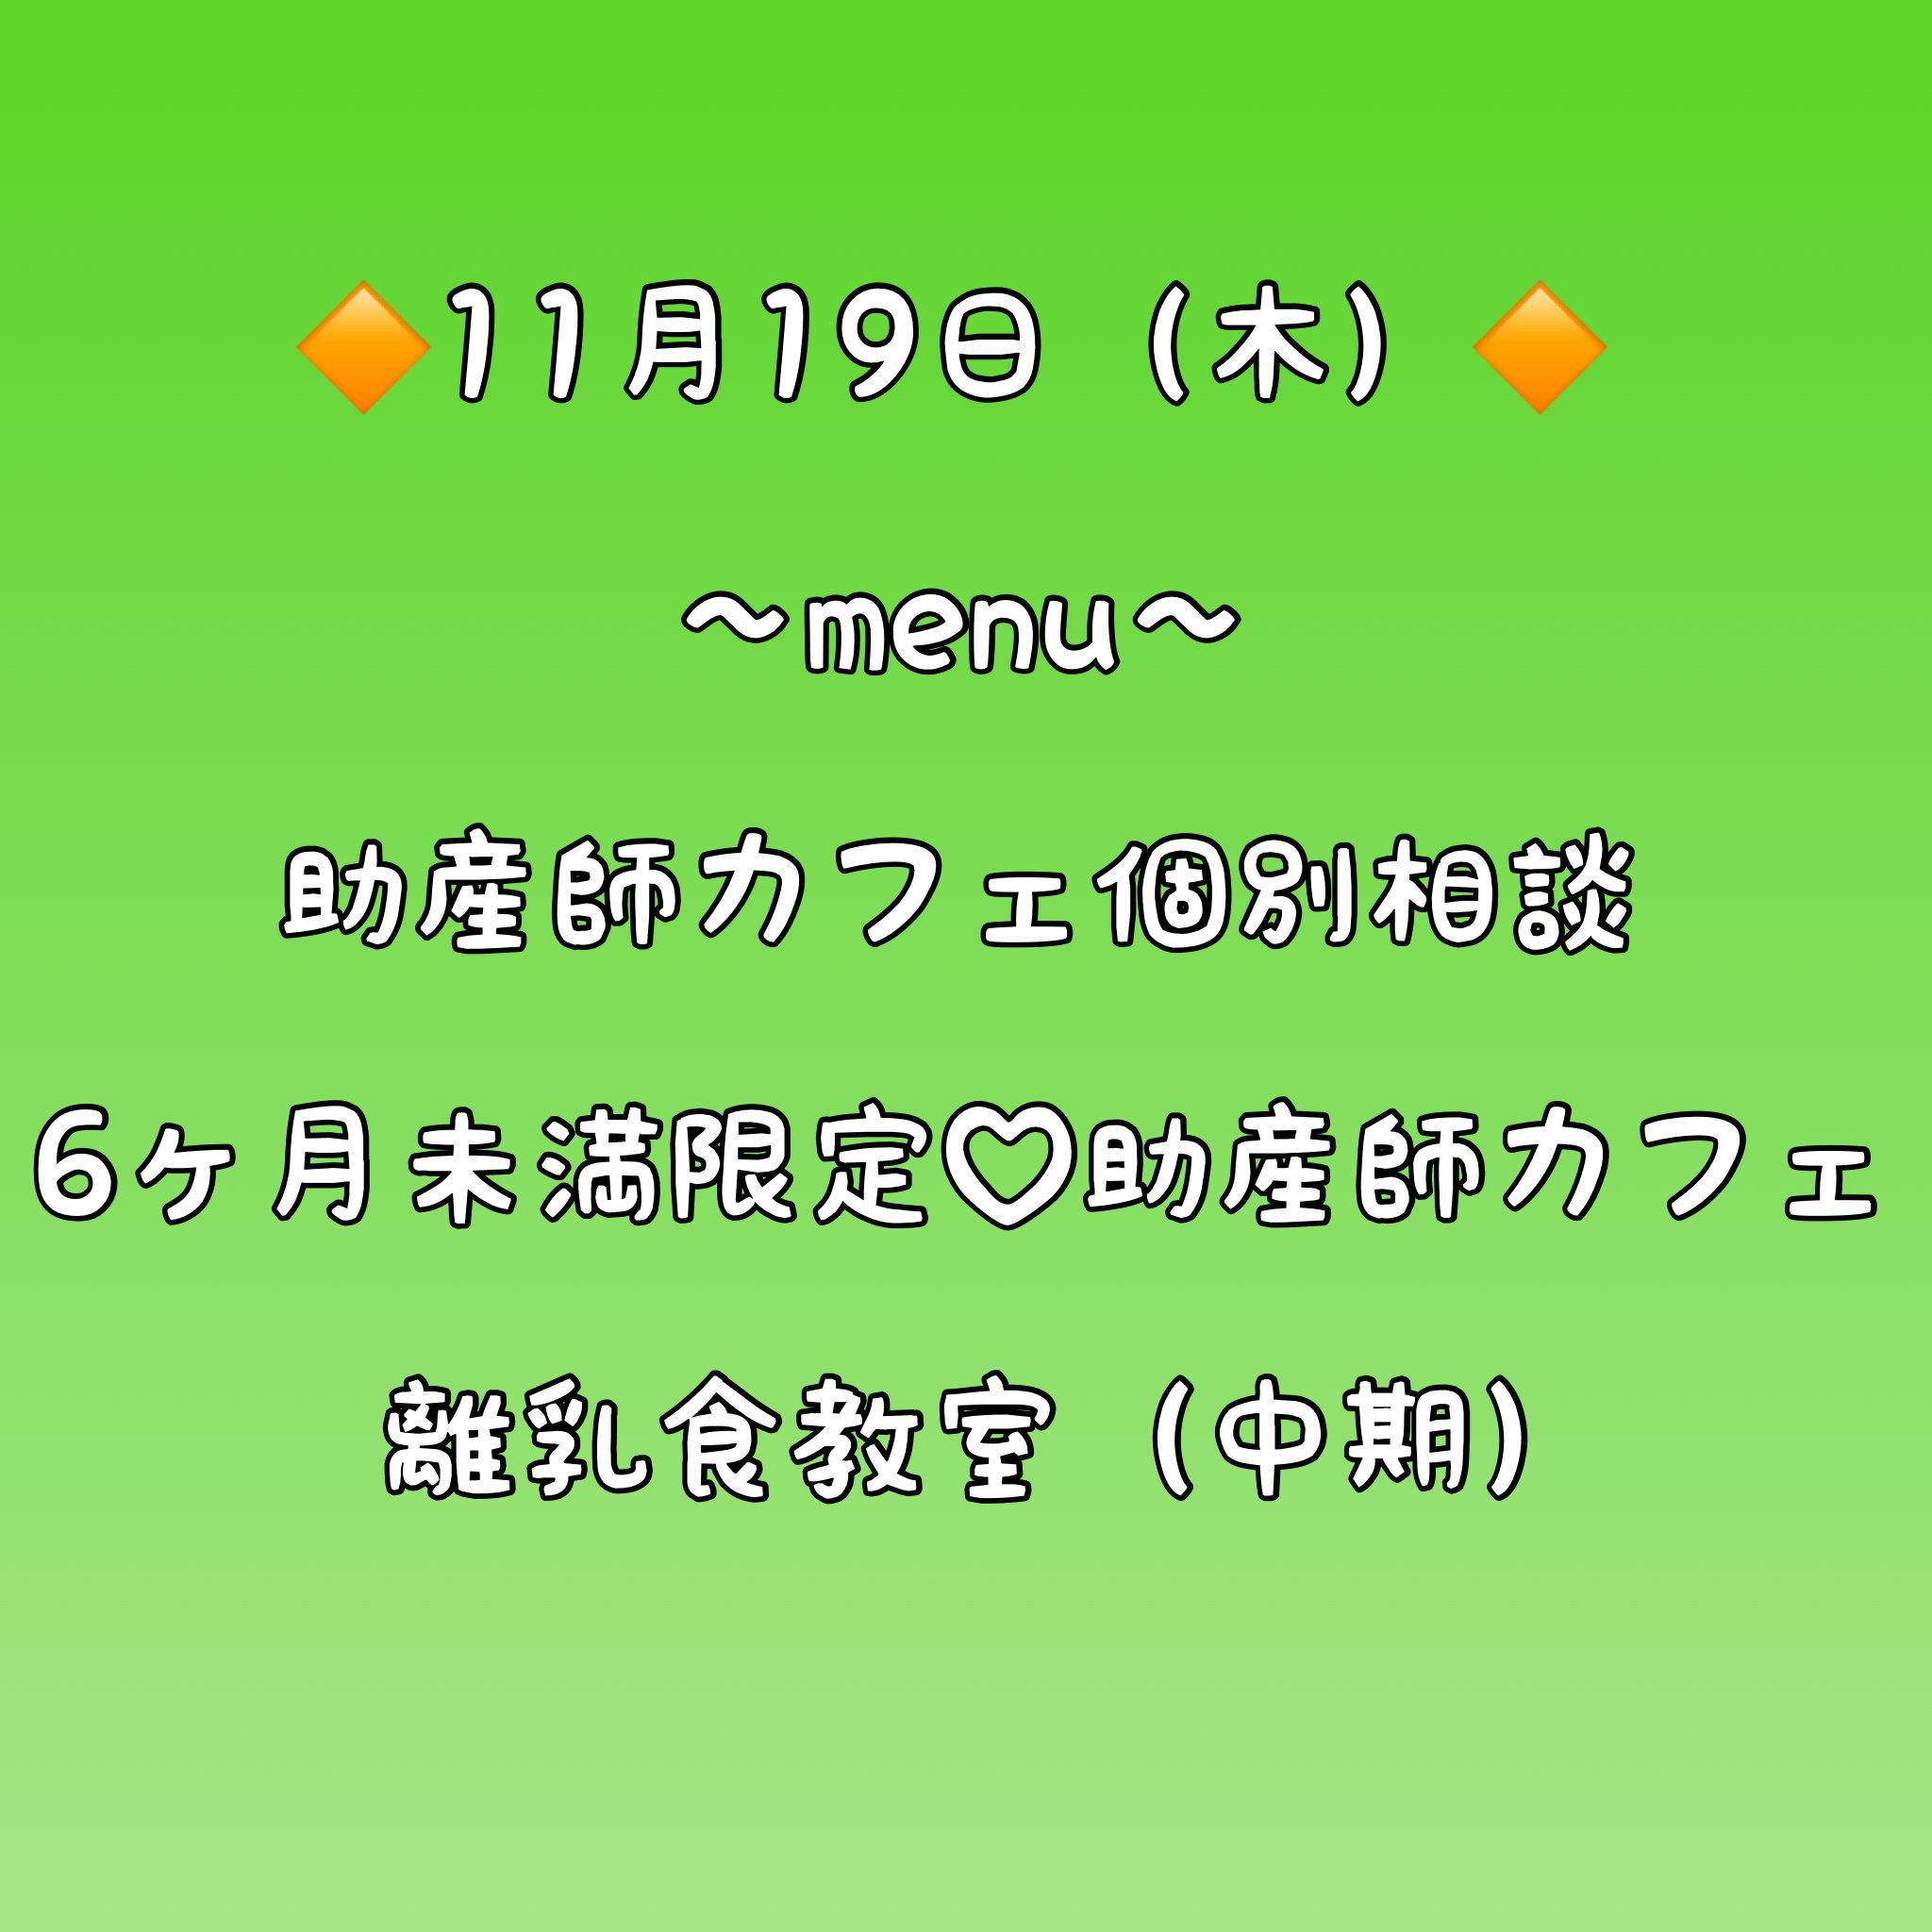 11/19(木)◆6カ月未満限定!助産師カフェ・個別相談会&離乳食教室(中期)開催◆